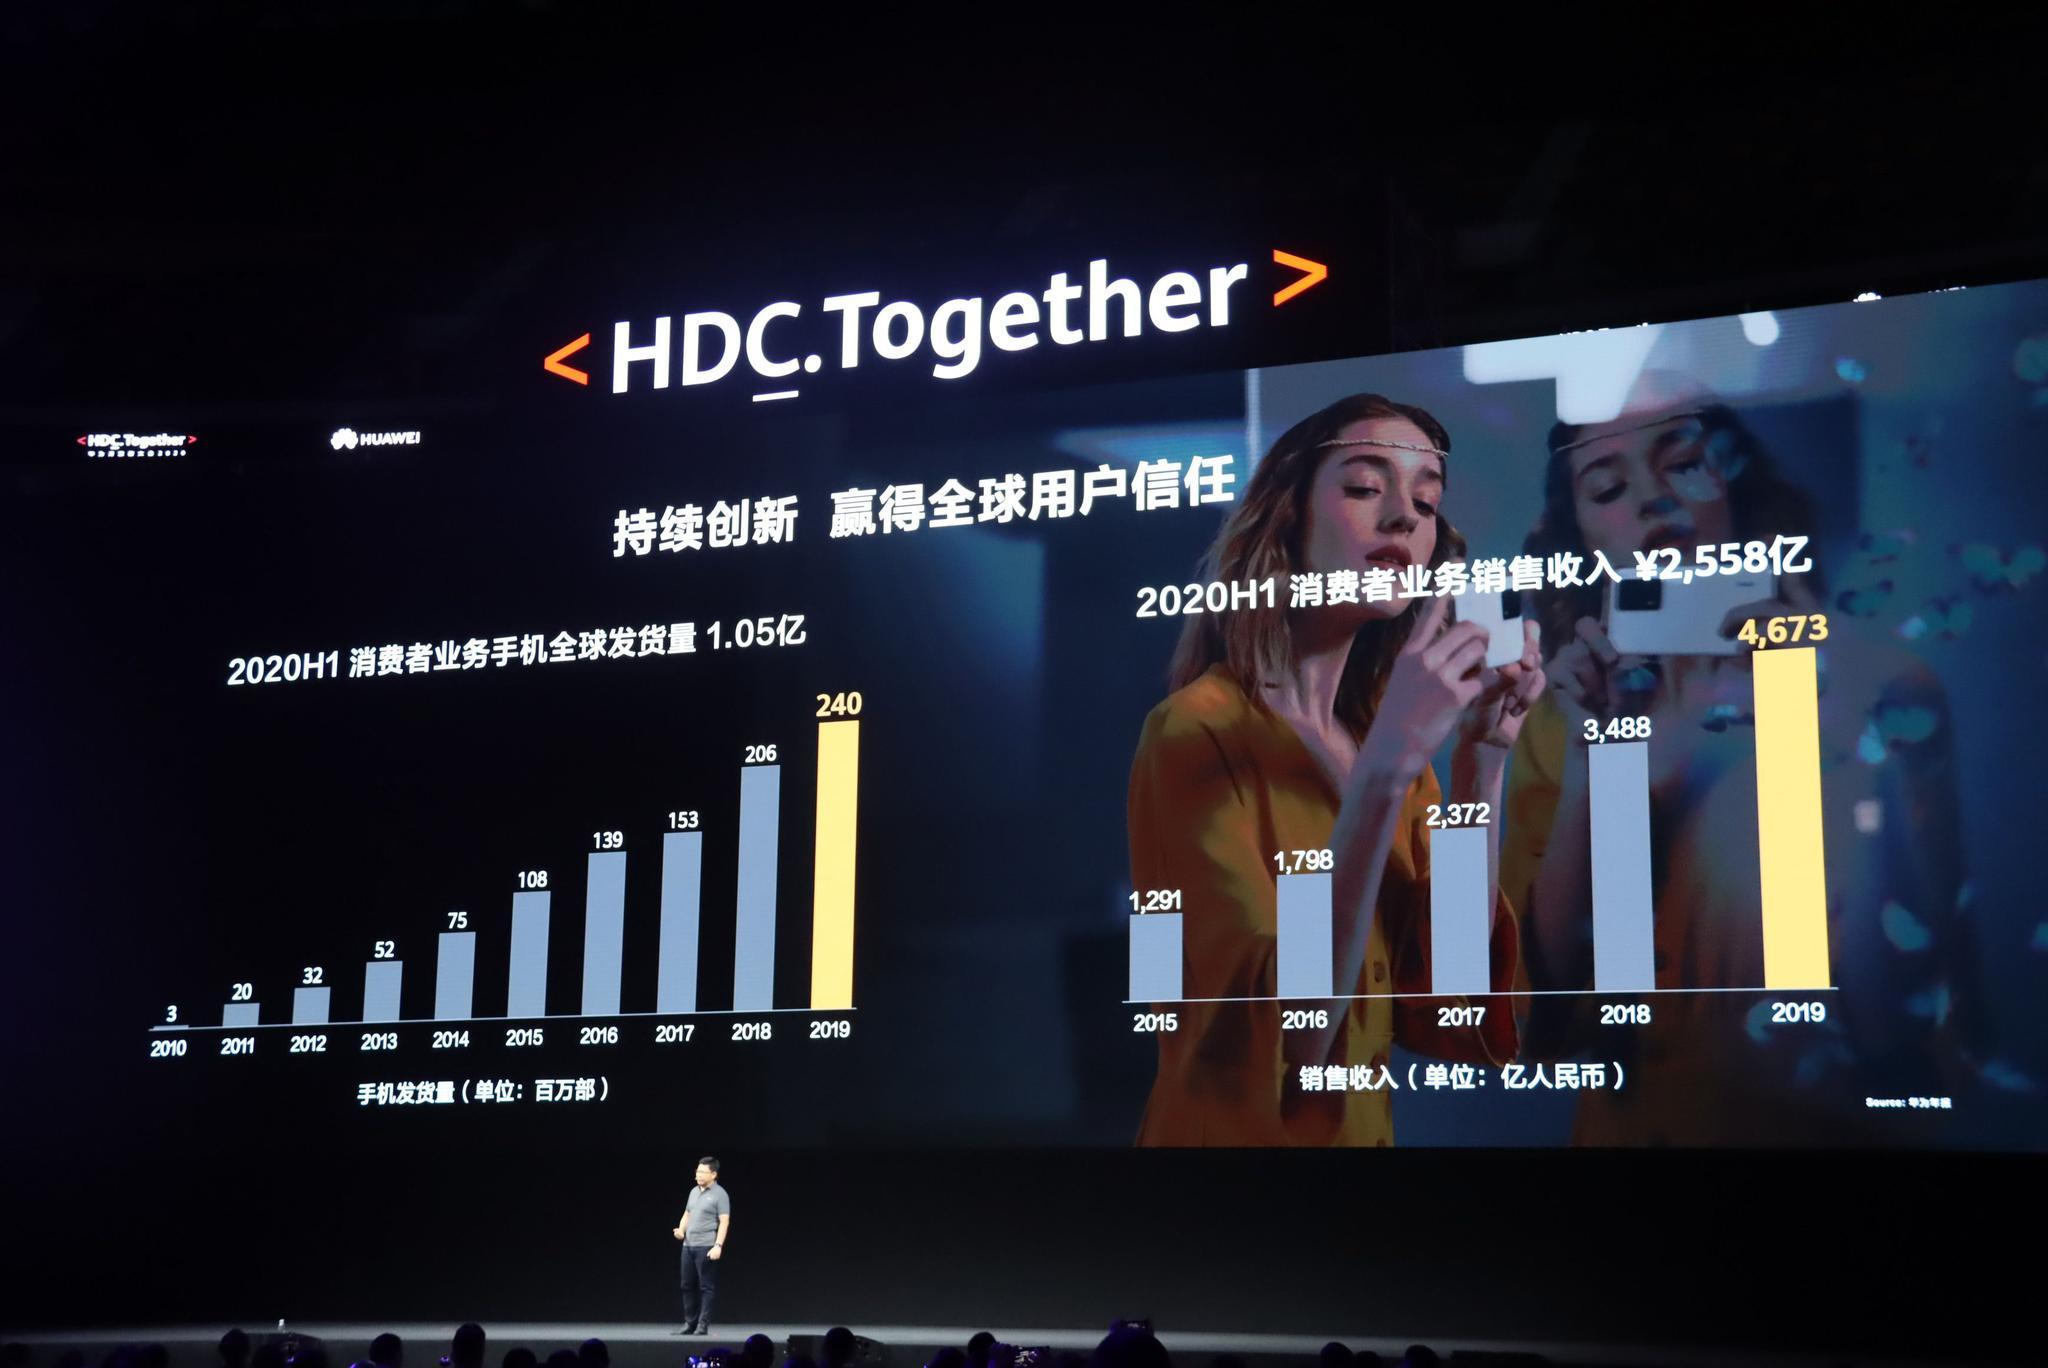 余承东:上半年华为手机发货量1.05亿图片